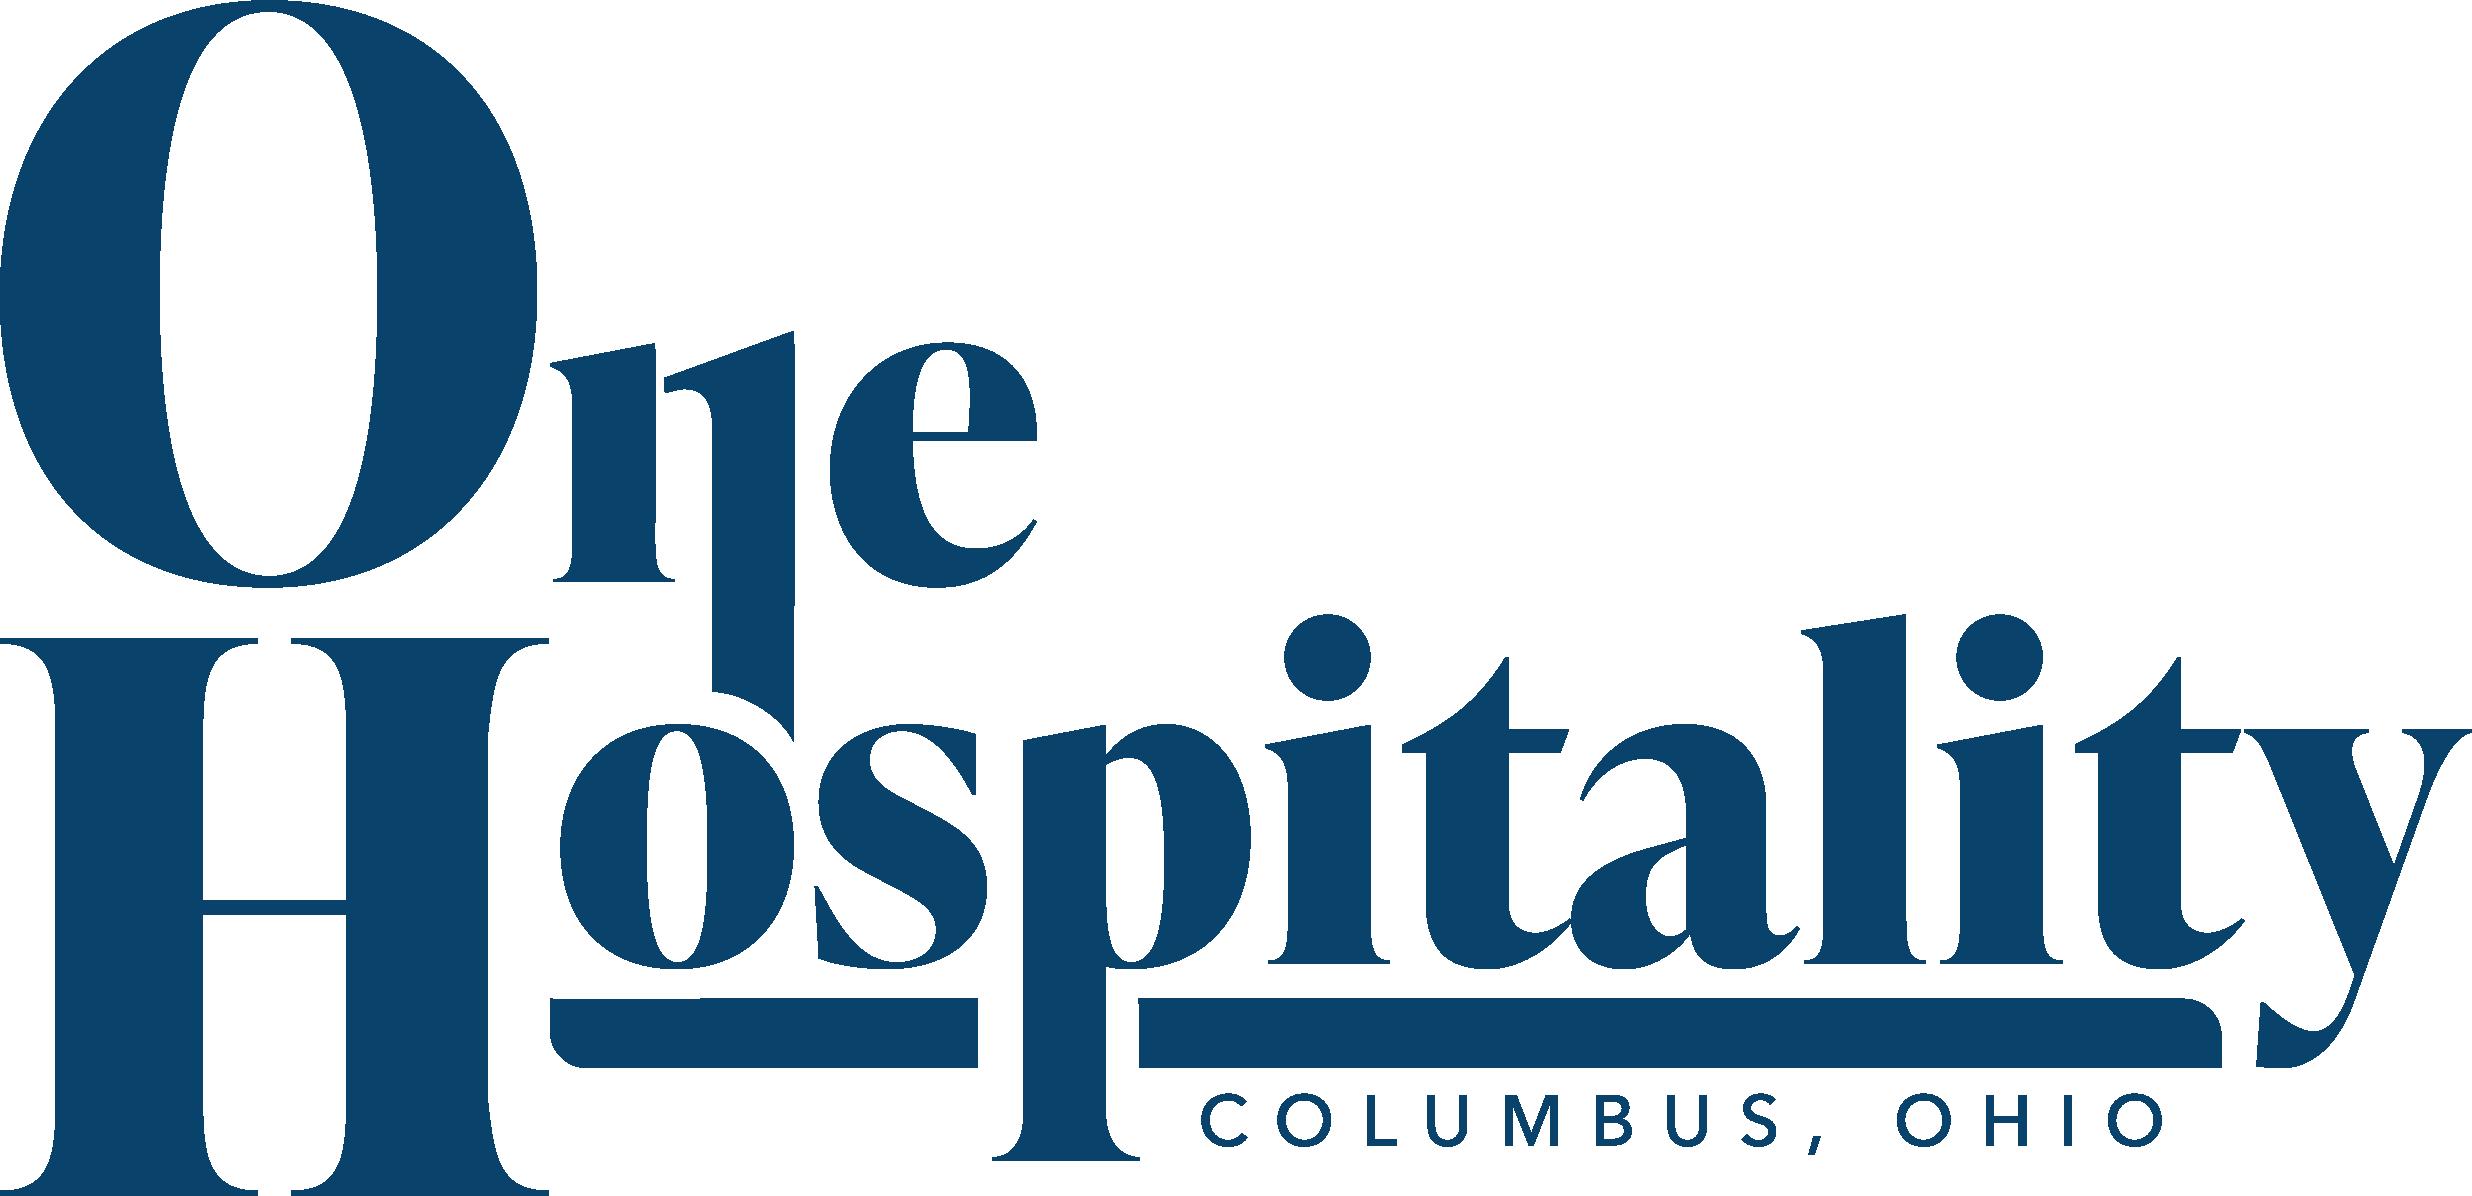 One Hospitality Group - Columbus Ohio